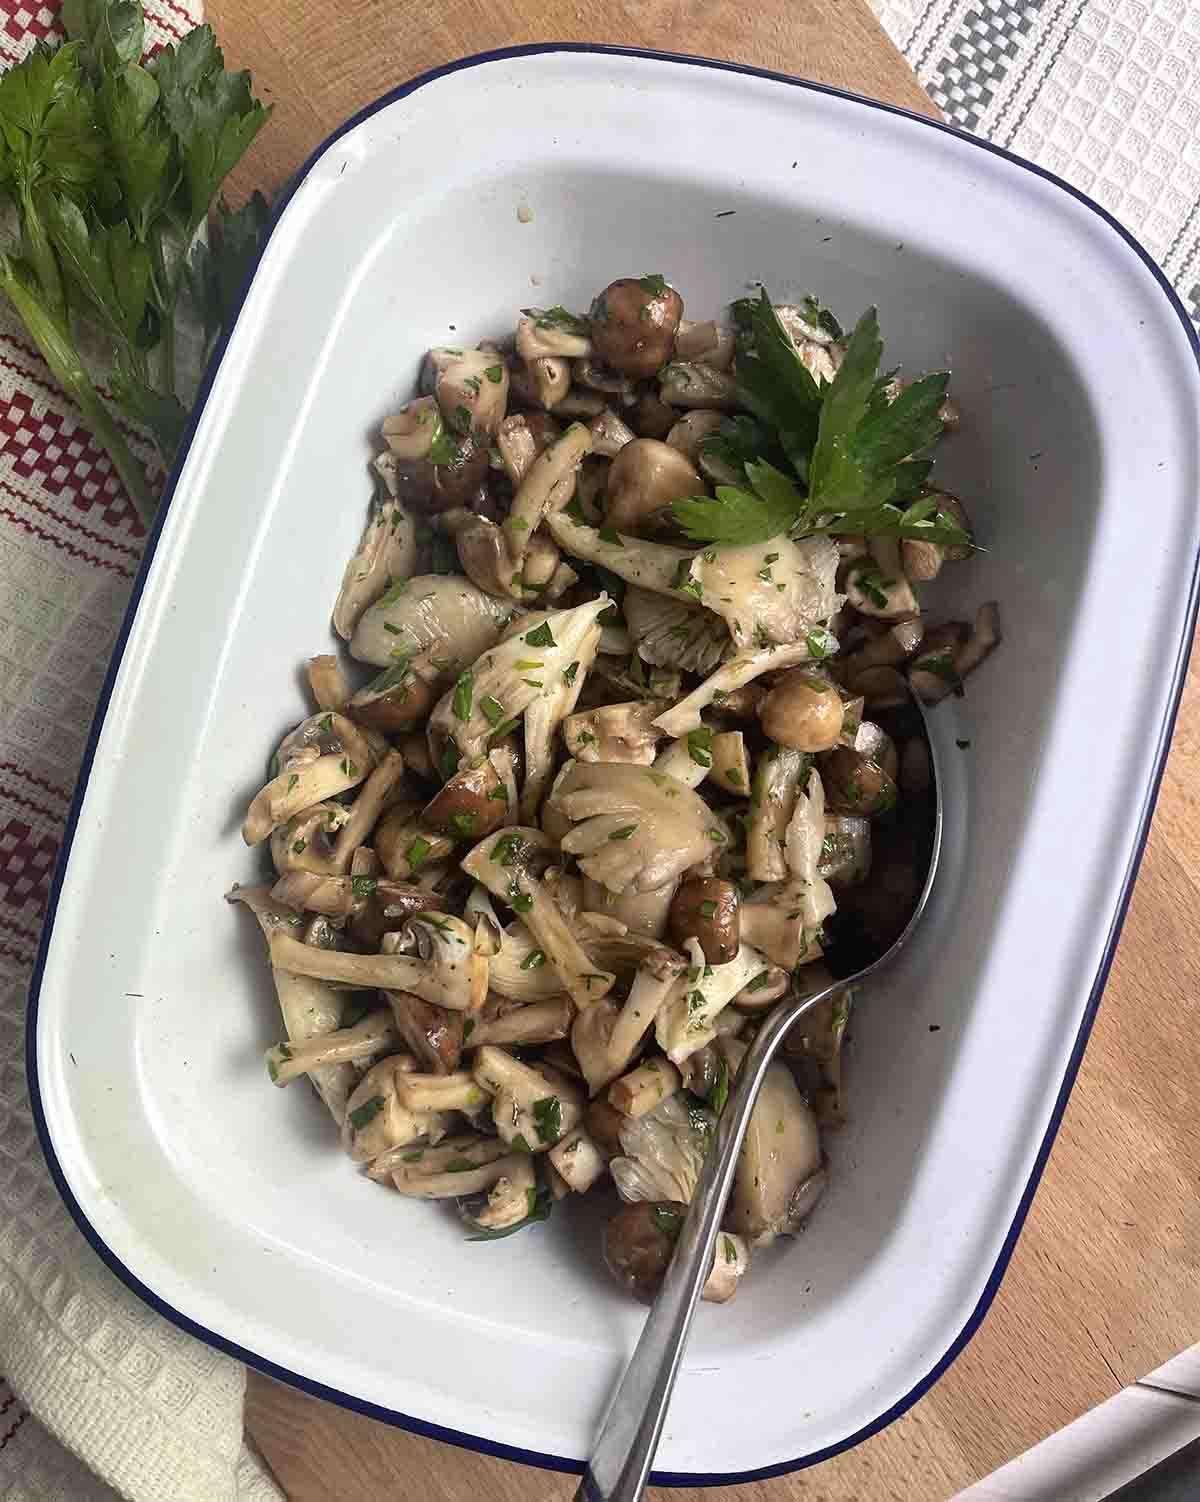 raw mushroom salad in a serving dish.